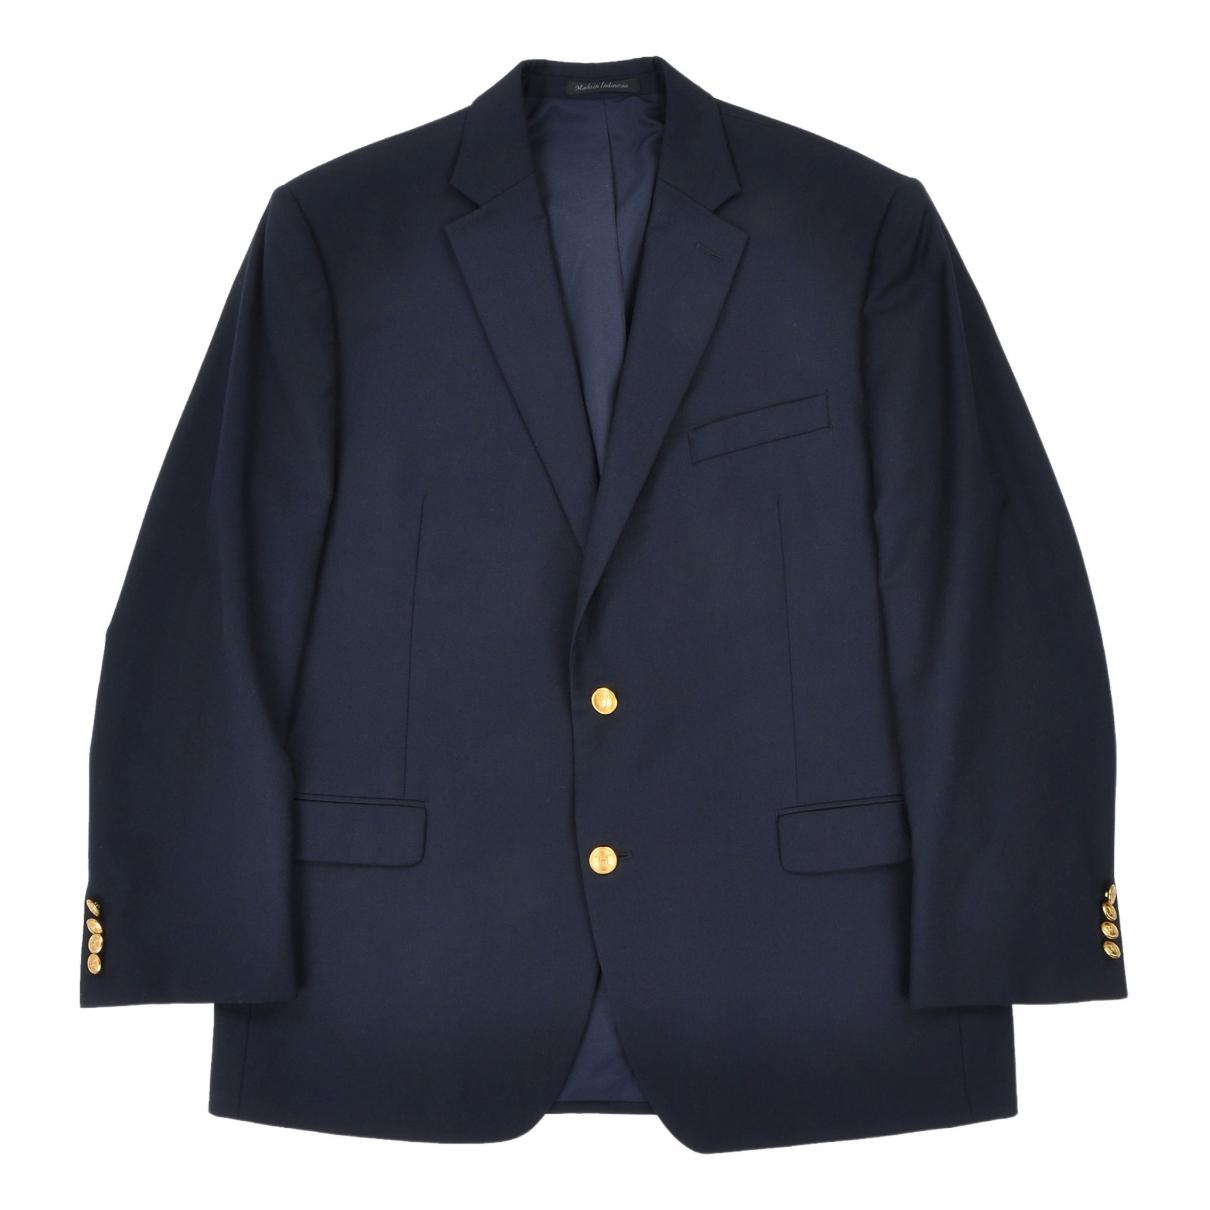 Lauren Ralph Lauren \N Navy Wool jacket  for Men L International